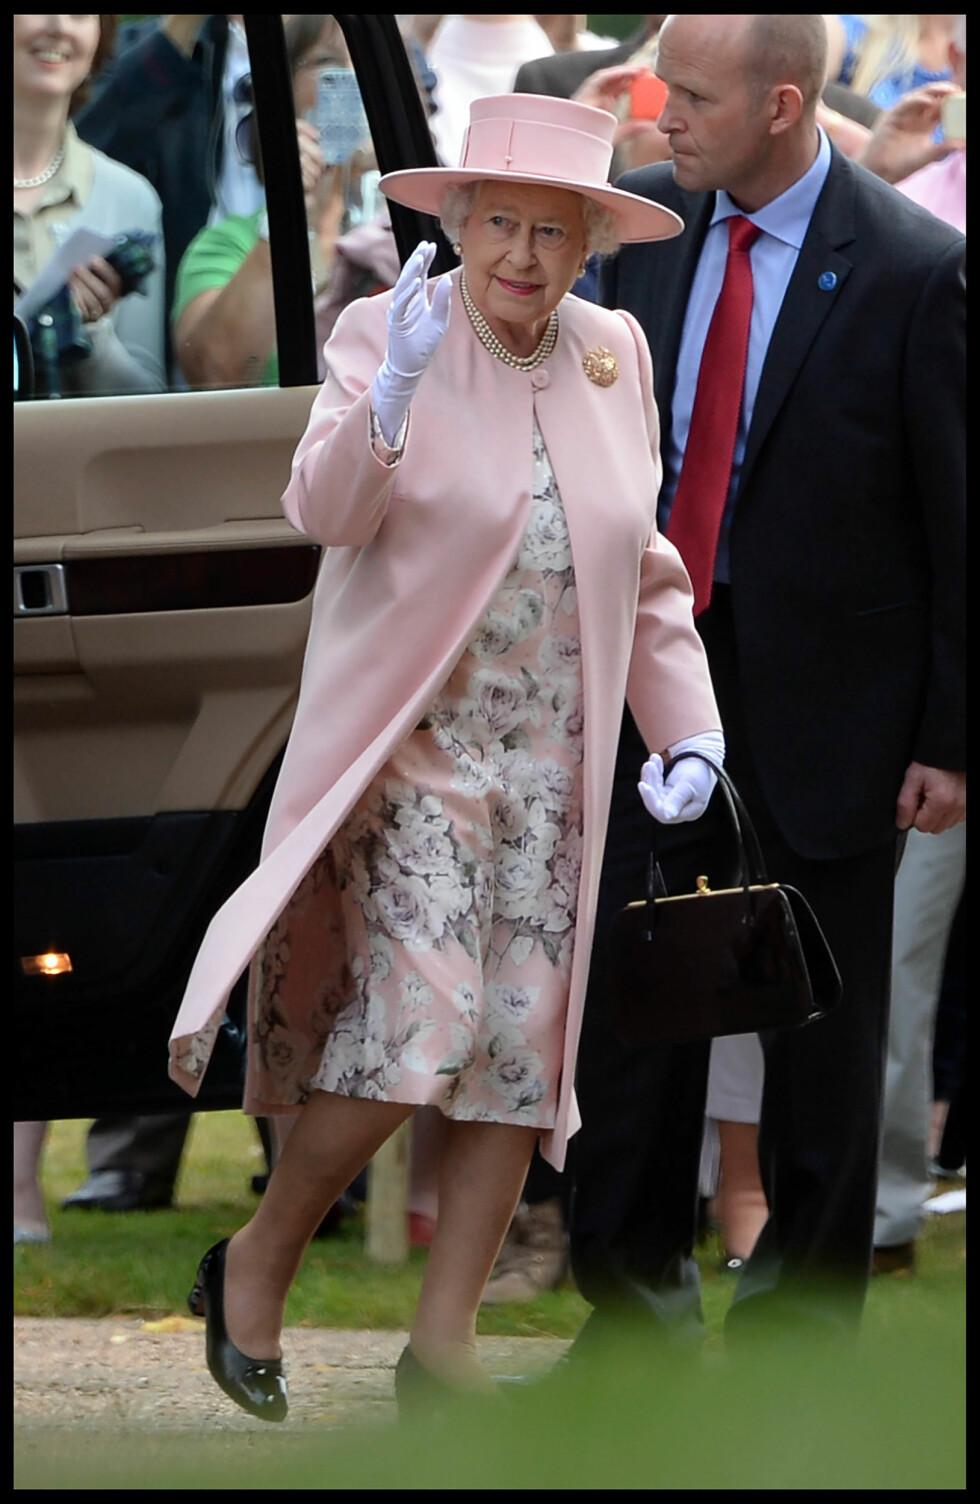 STOLT OLDEMOR: Dronning Elizabeth var i godt humør da hun hilste folkemengden. Foto: Polaris